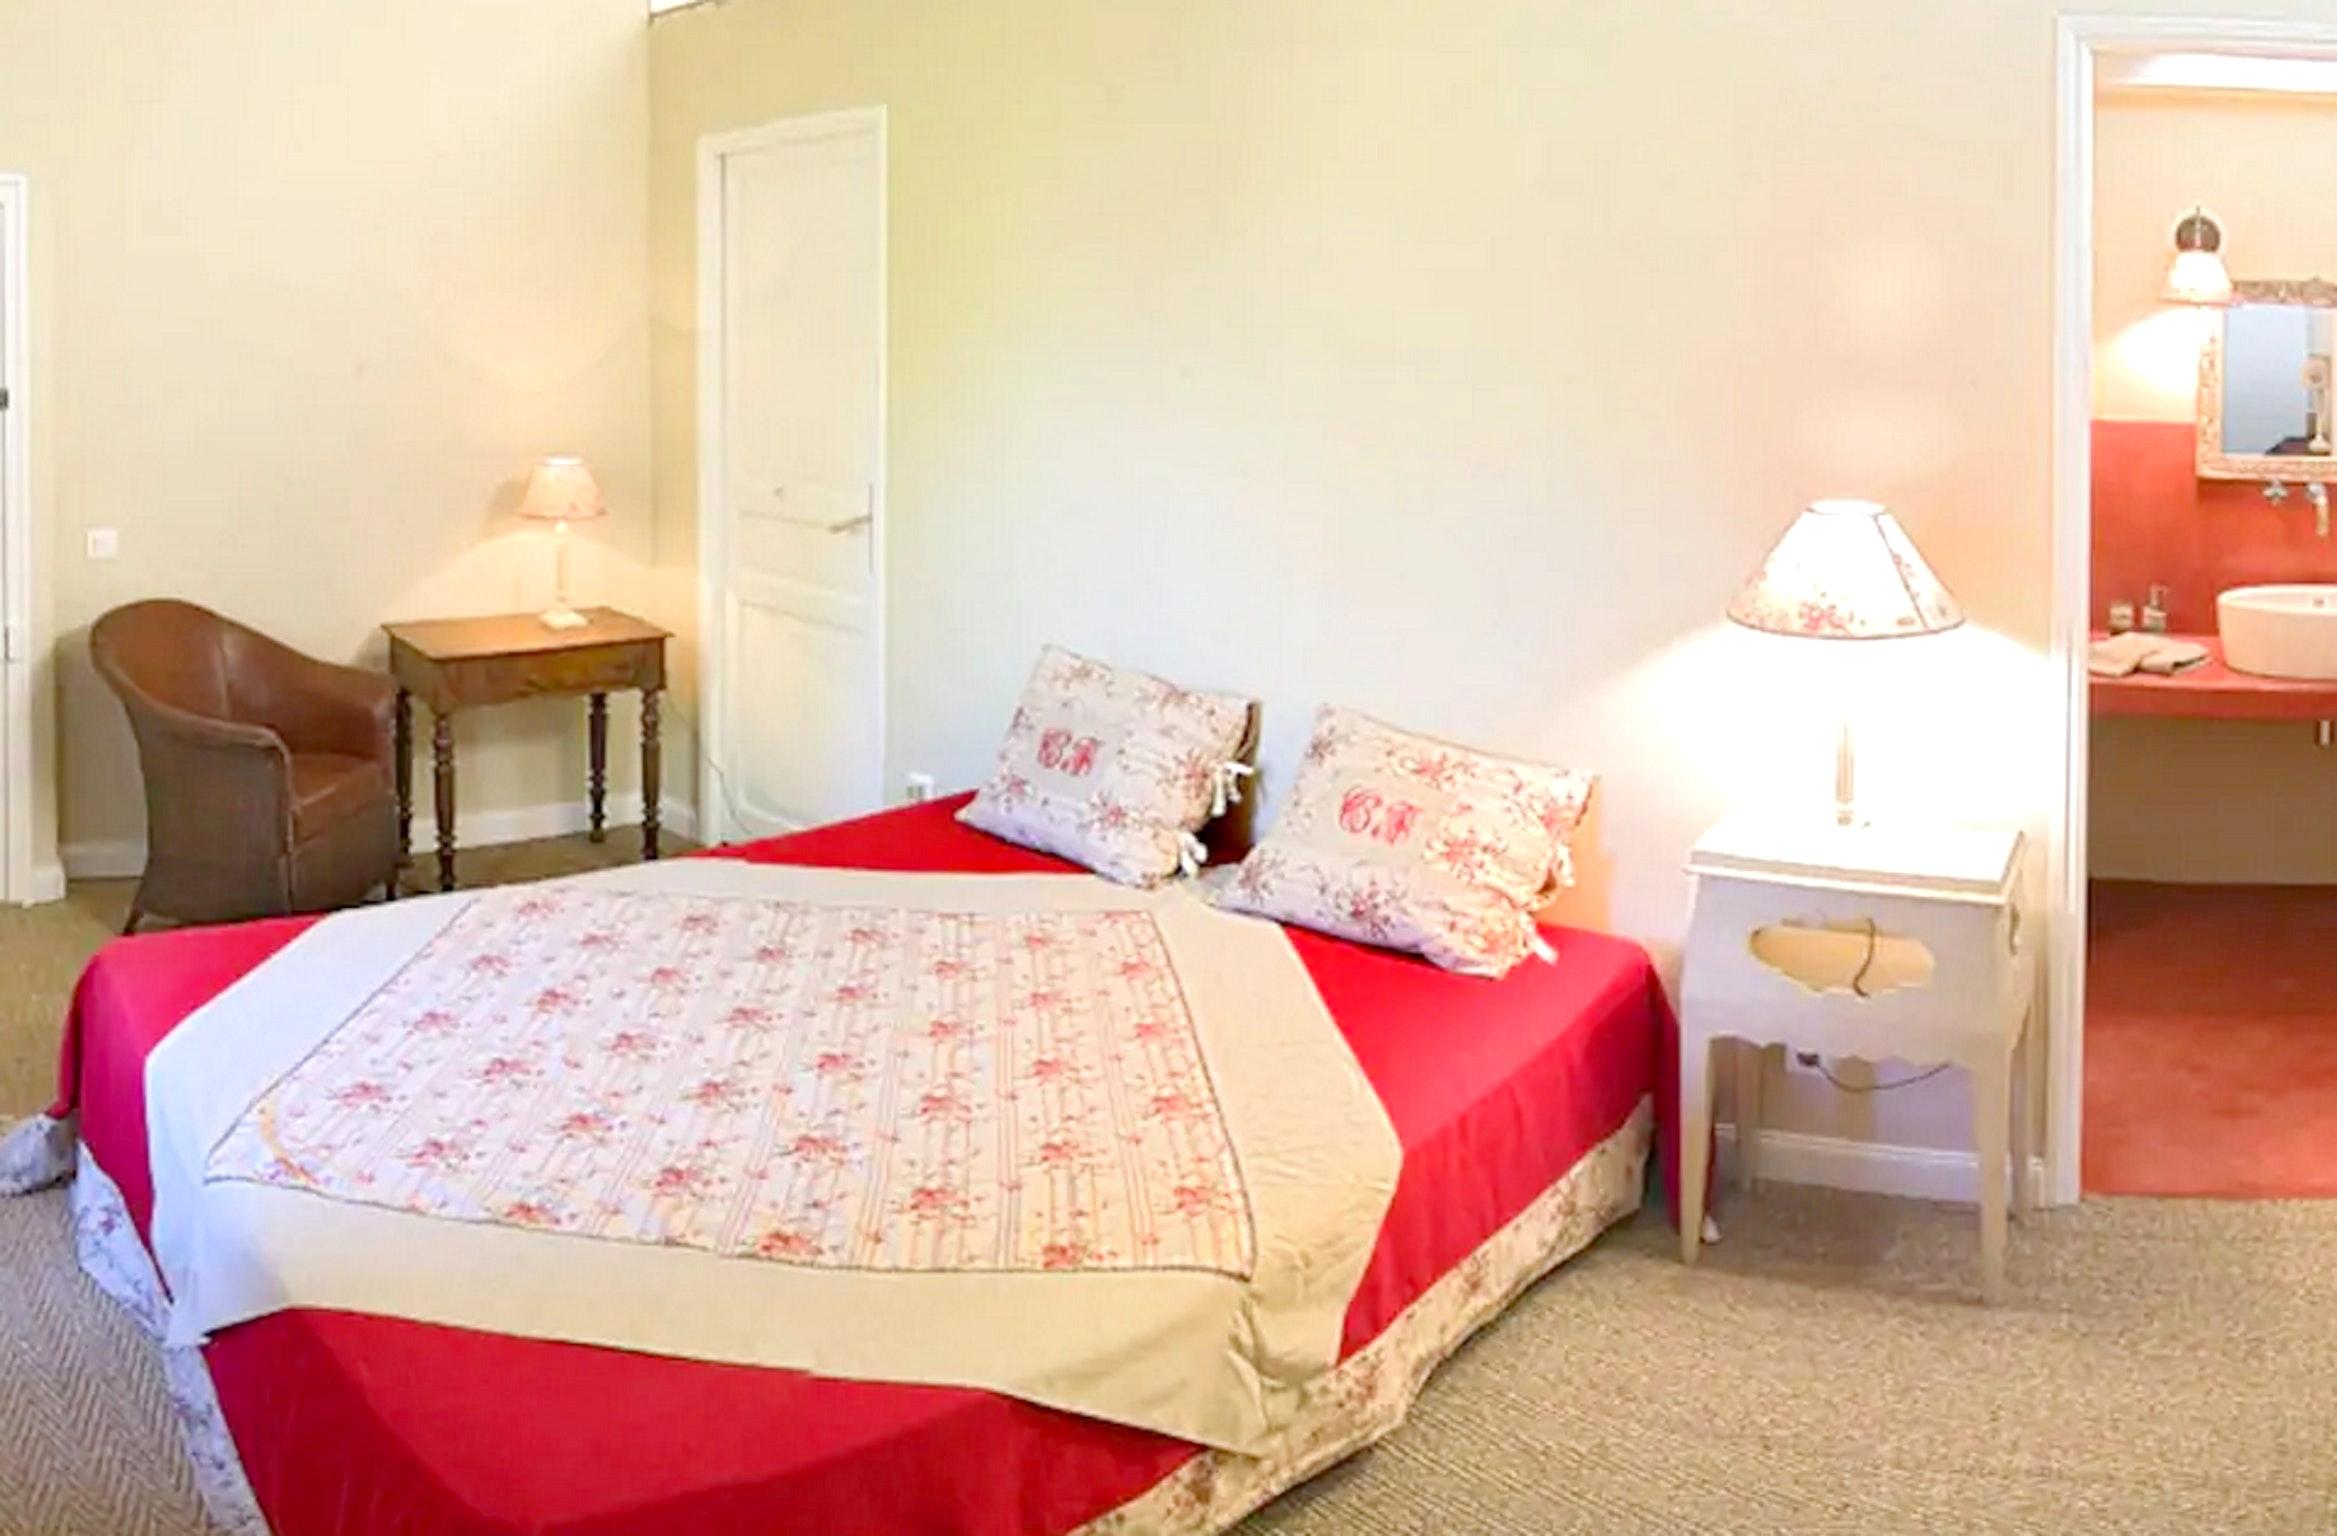 Maison de vacances Villa mit 6 Schlafzimmern in L'Isle-sur-la-Sorgue mit privatem Pool, möbliertem Garten und (2647203), L'Isle sur la Sorgue, Vaucluse, Provence - Alpes - Côte d'Azur, France, image 43